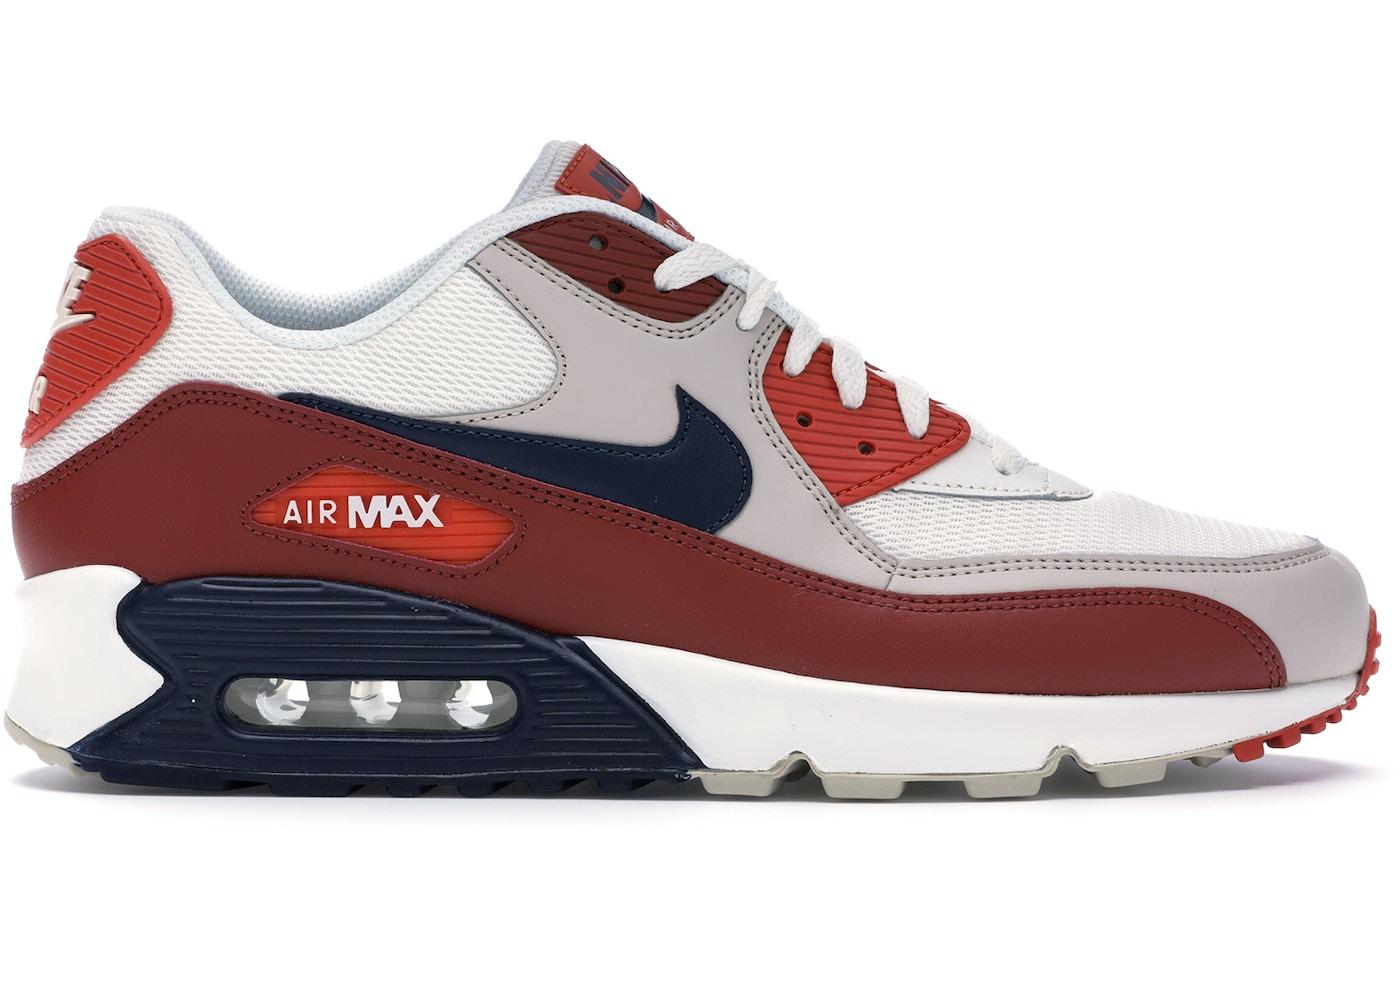 10cf0dffc8d876 Air Max 90 Mars Stone - AJ1285-600